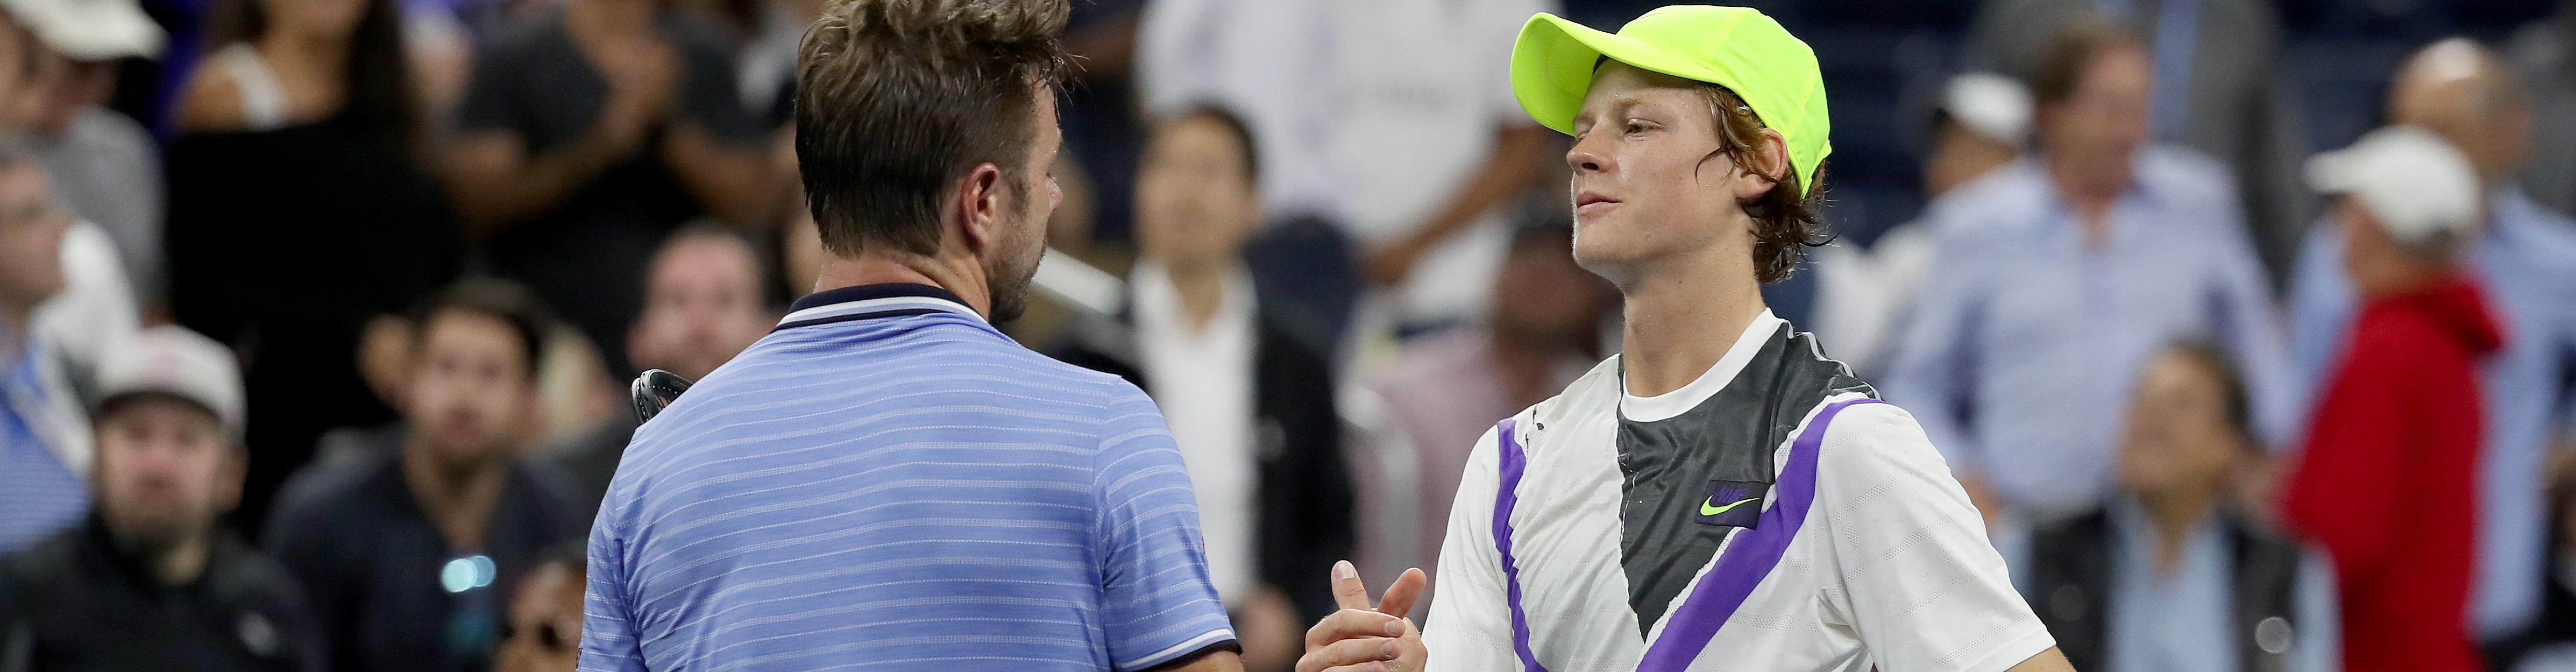 ATP Anversa, Sinner contro il gigante Wawrinka per vendicare lo US Open